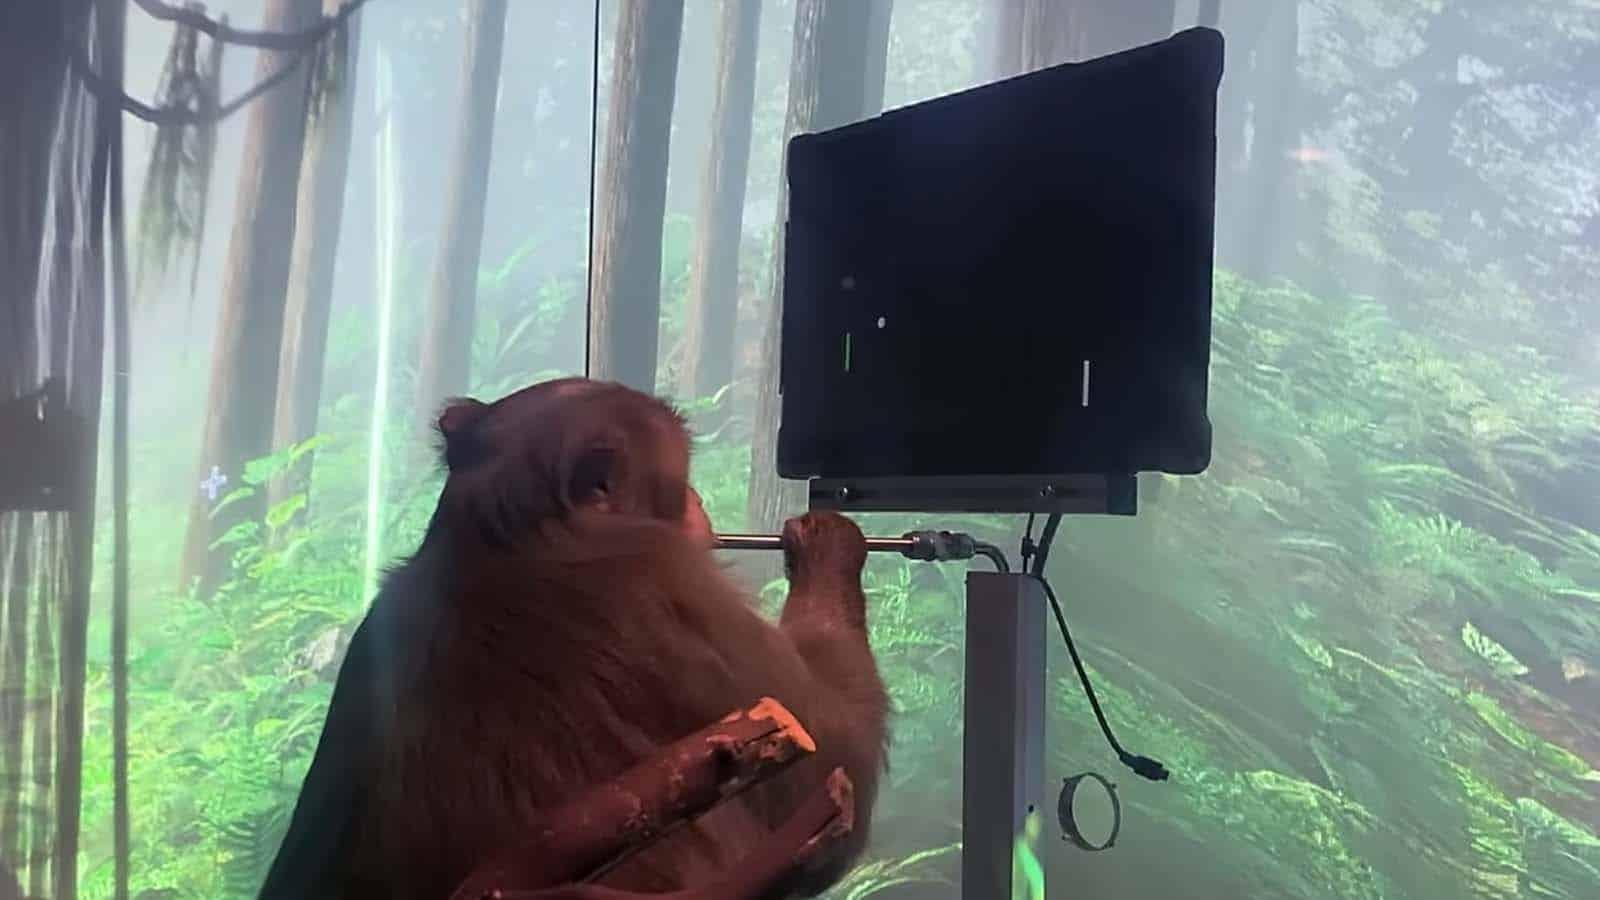 neuralink pong-playing monkey